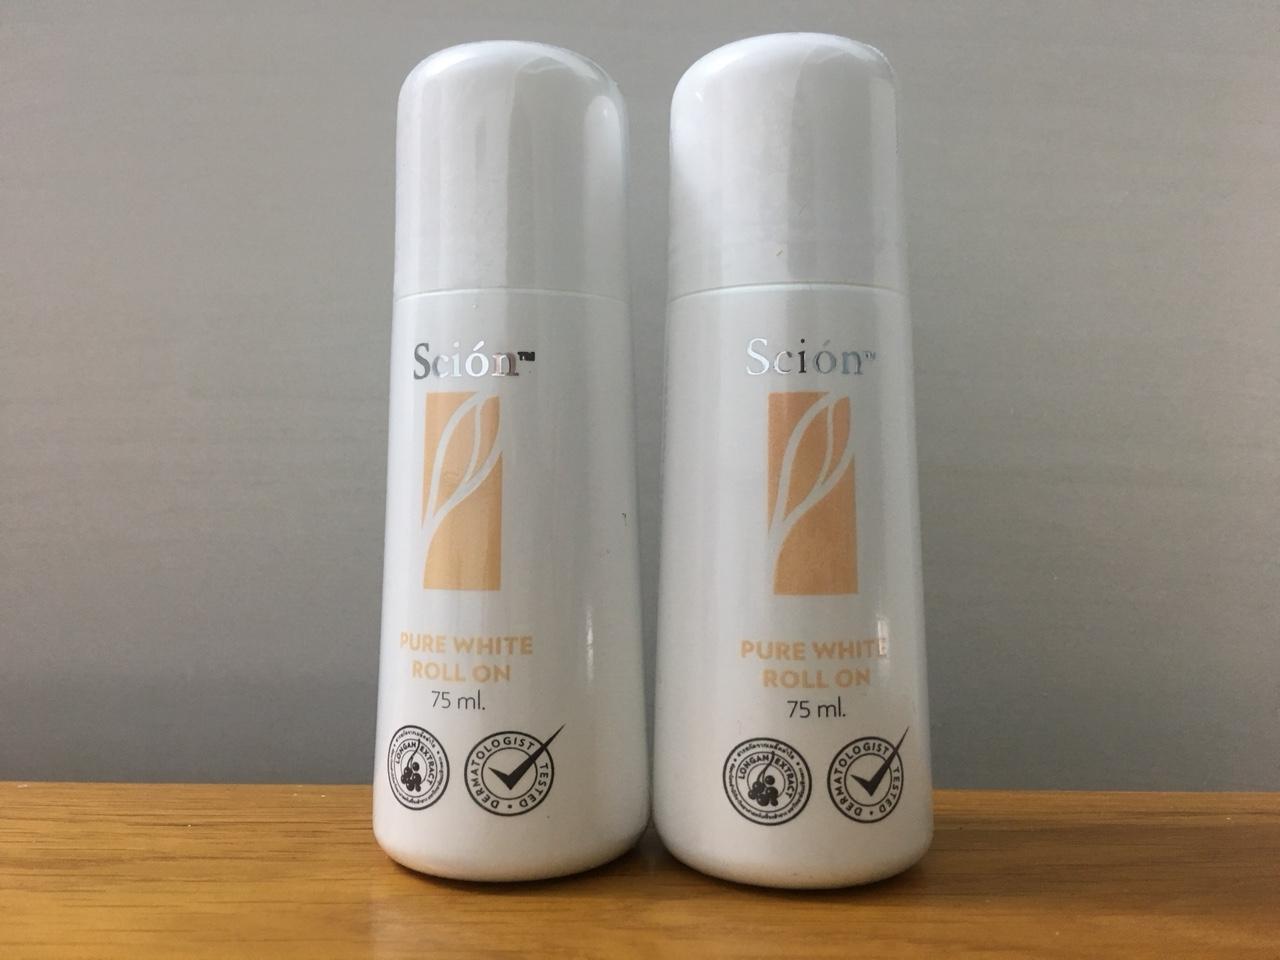 Bộ 2 lăn khử mùi Scion